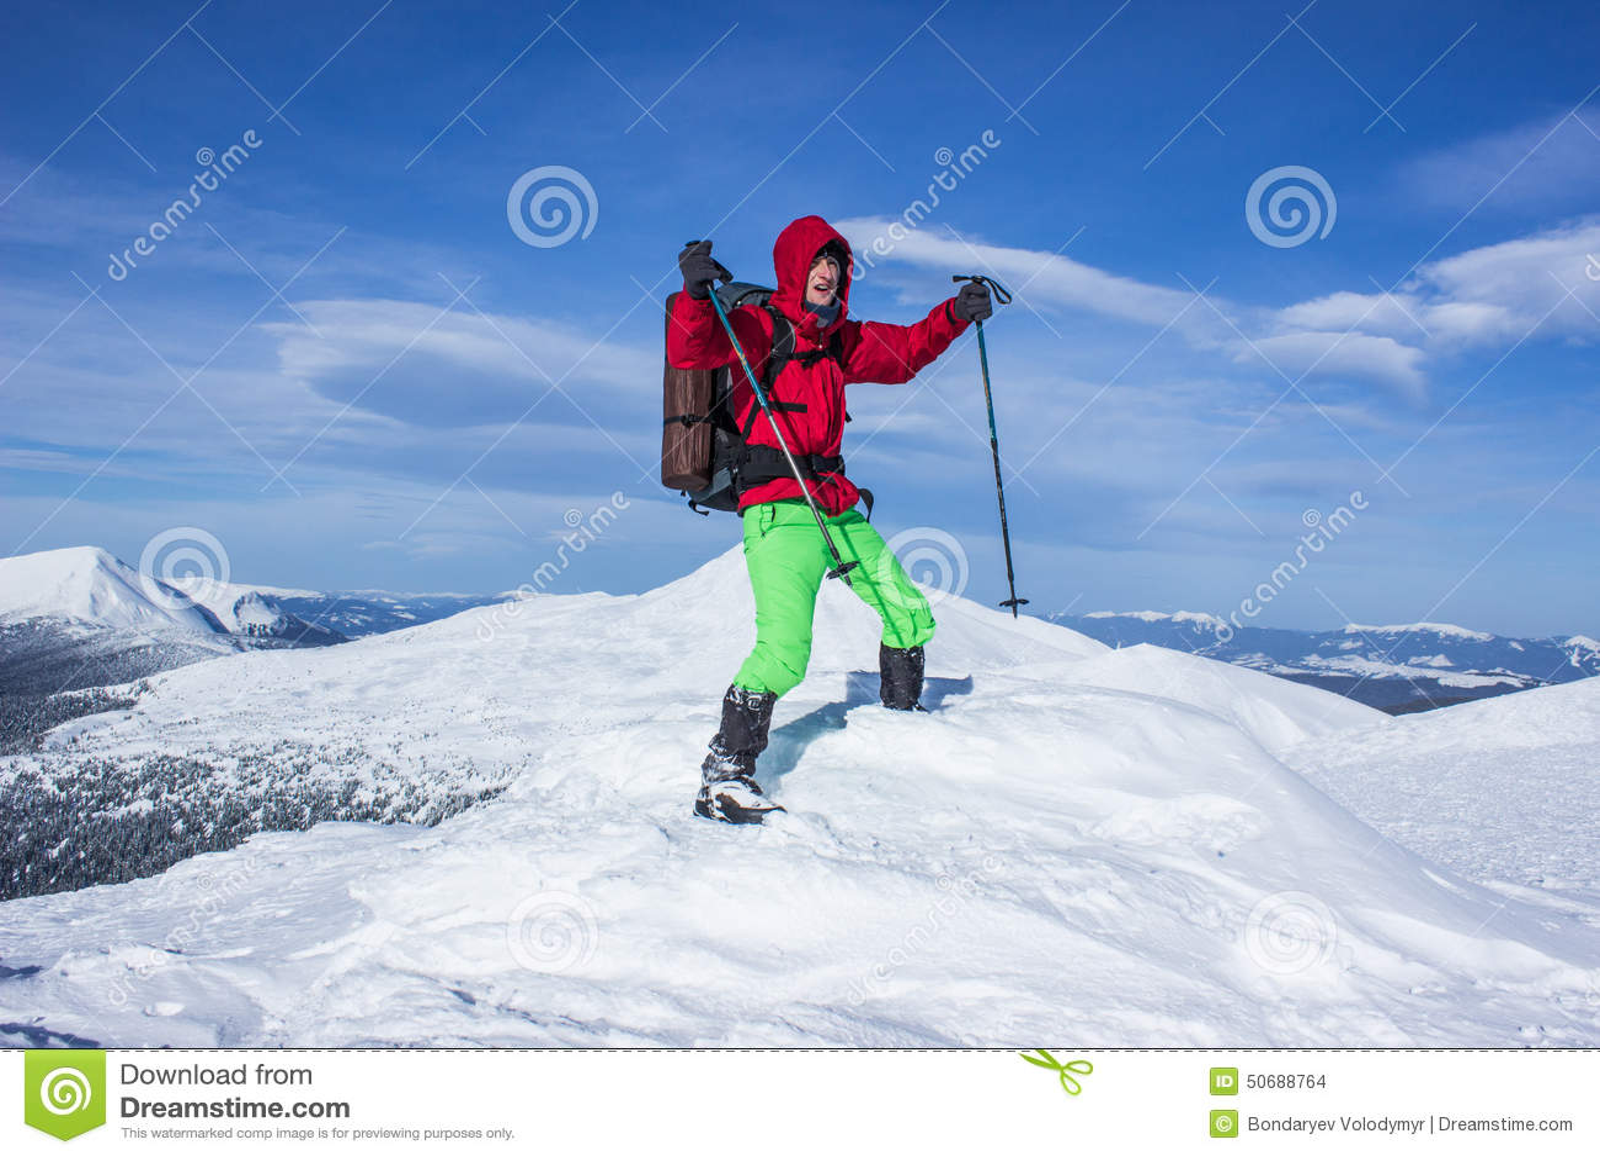 Download 远足在山的冬天 库存照片. 图片 包括有 设备, 多雪, 雪靴, 远足者, 冻结, 生气勃勃, 云彩, 极其 - 50688764